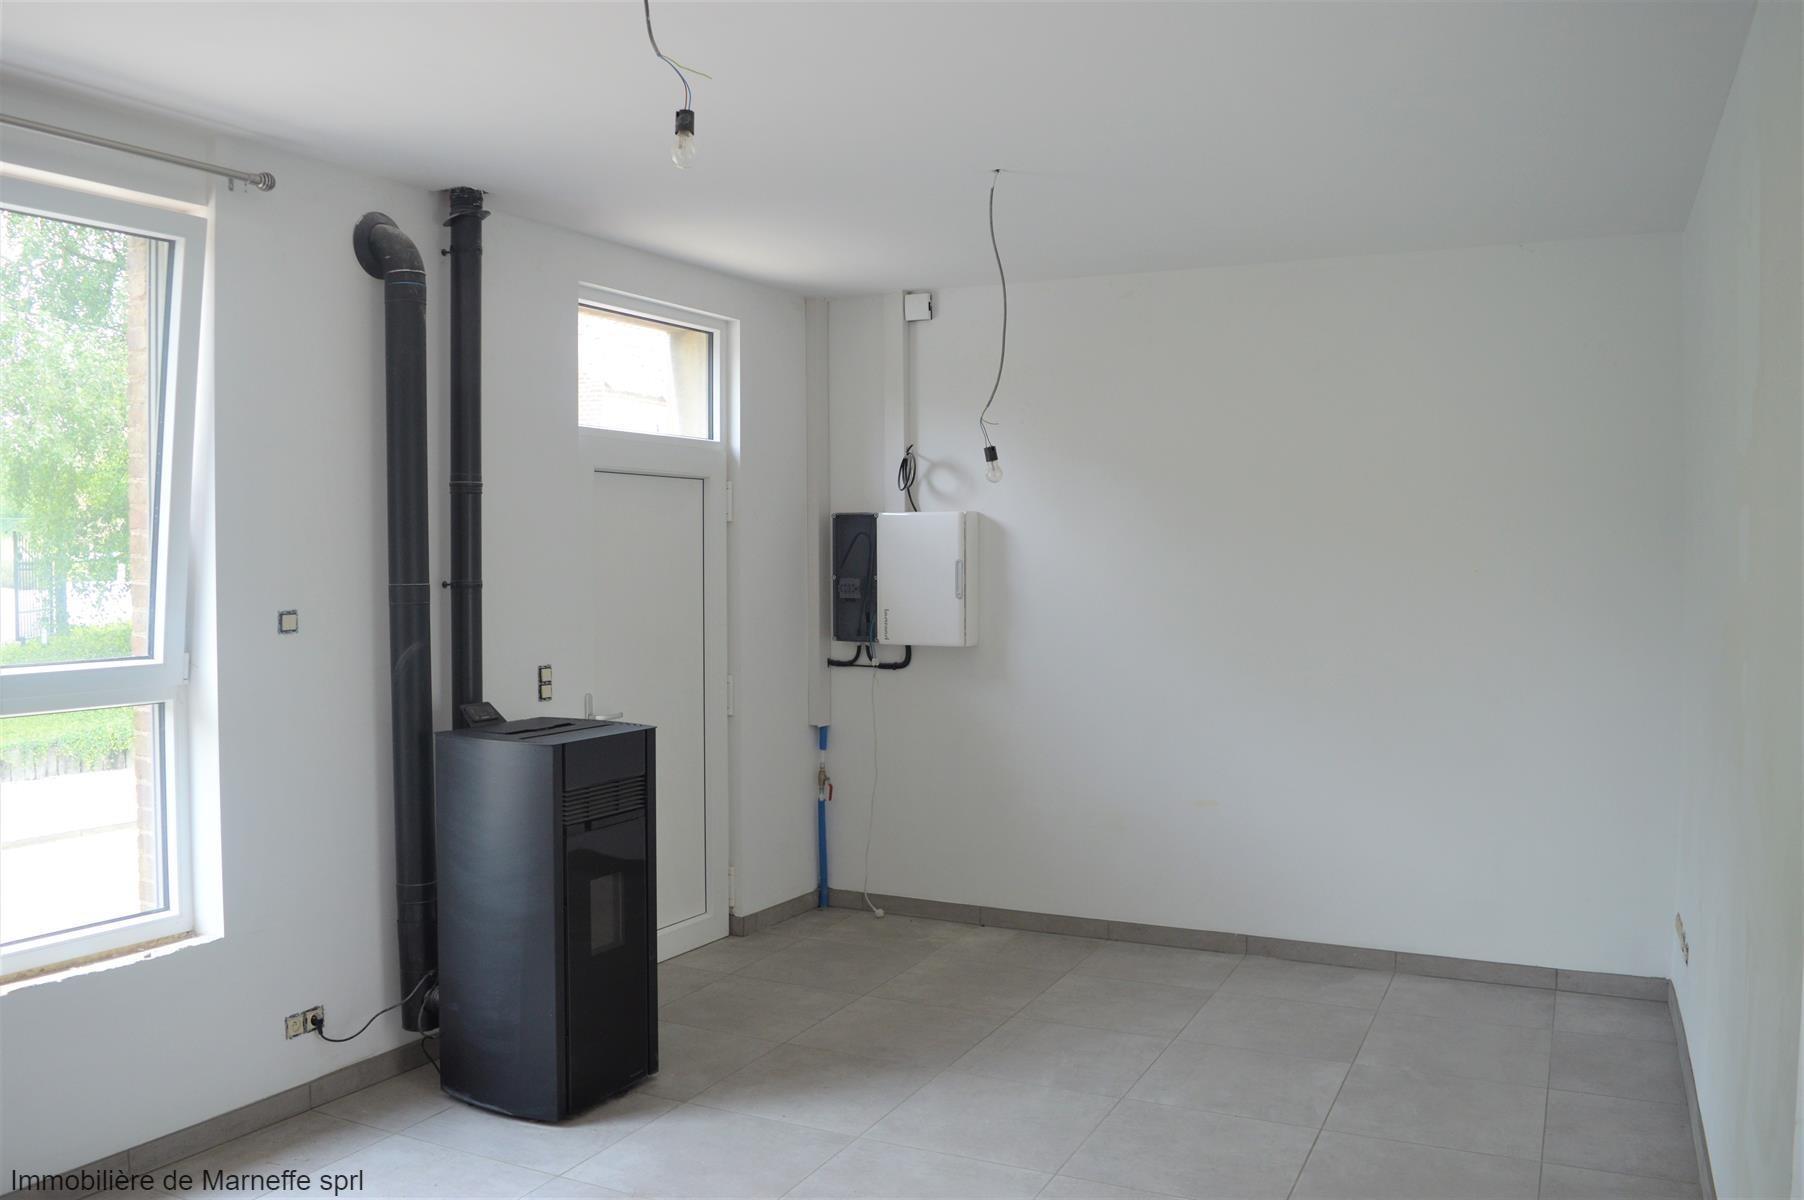 Maison - Verlaine - #4442433-2